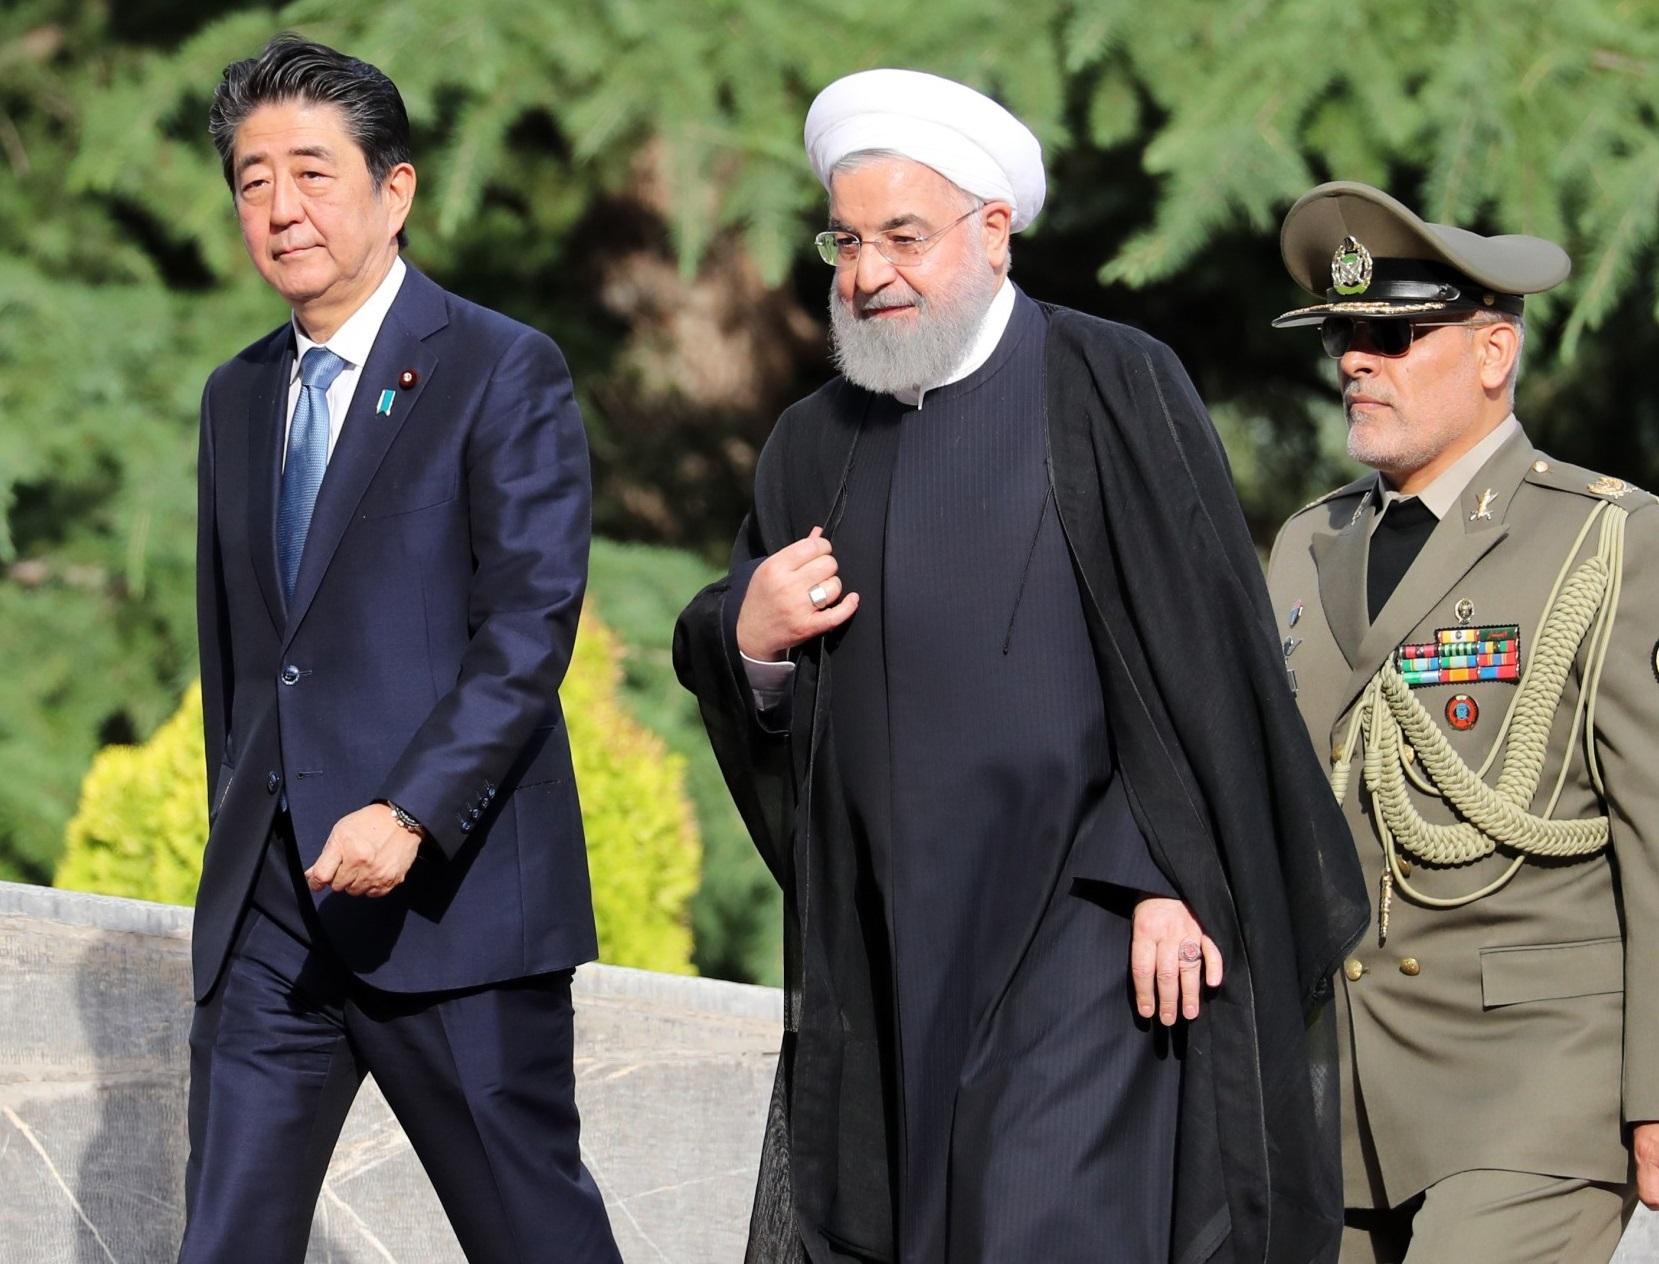 مأموریت دشوار آبه در تهران: آتش بس به جای مذاکره؟